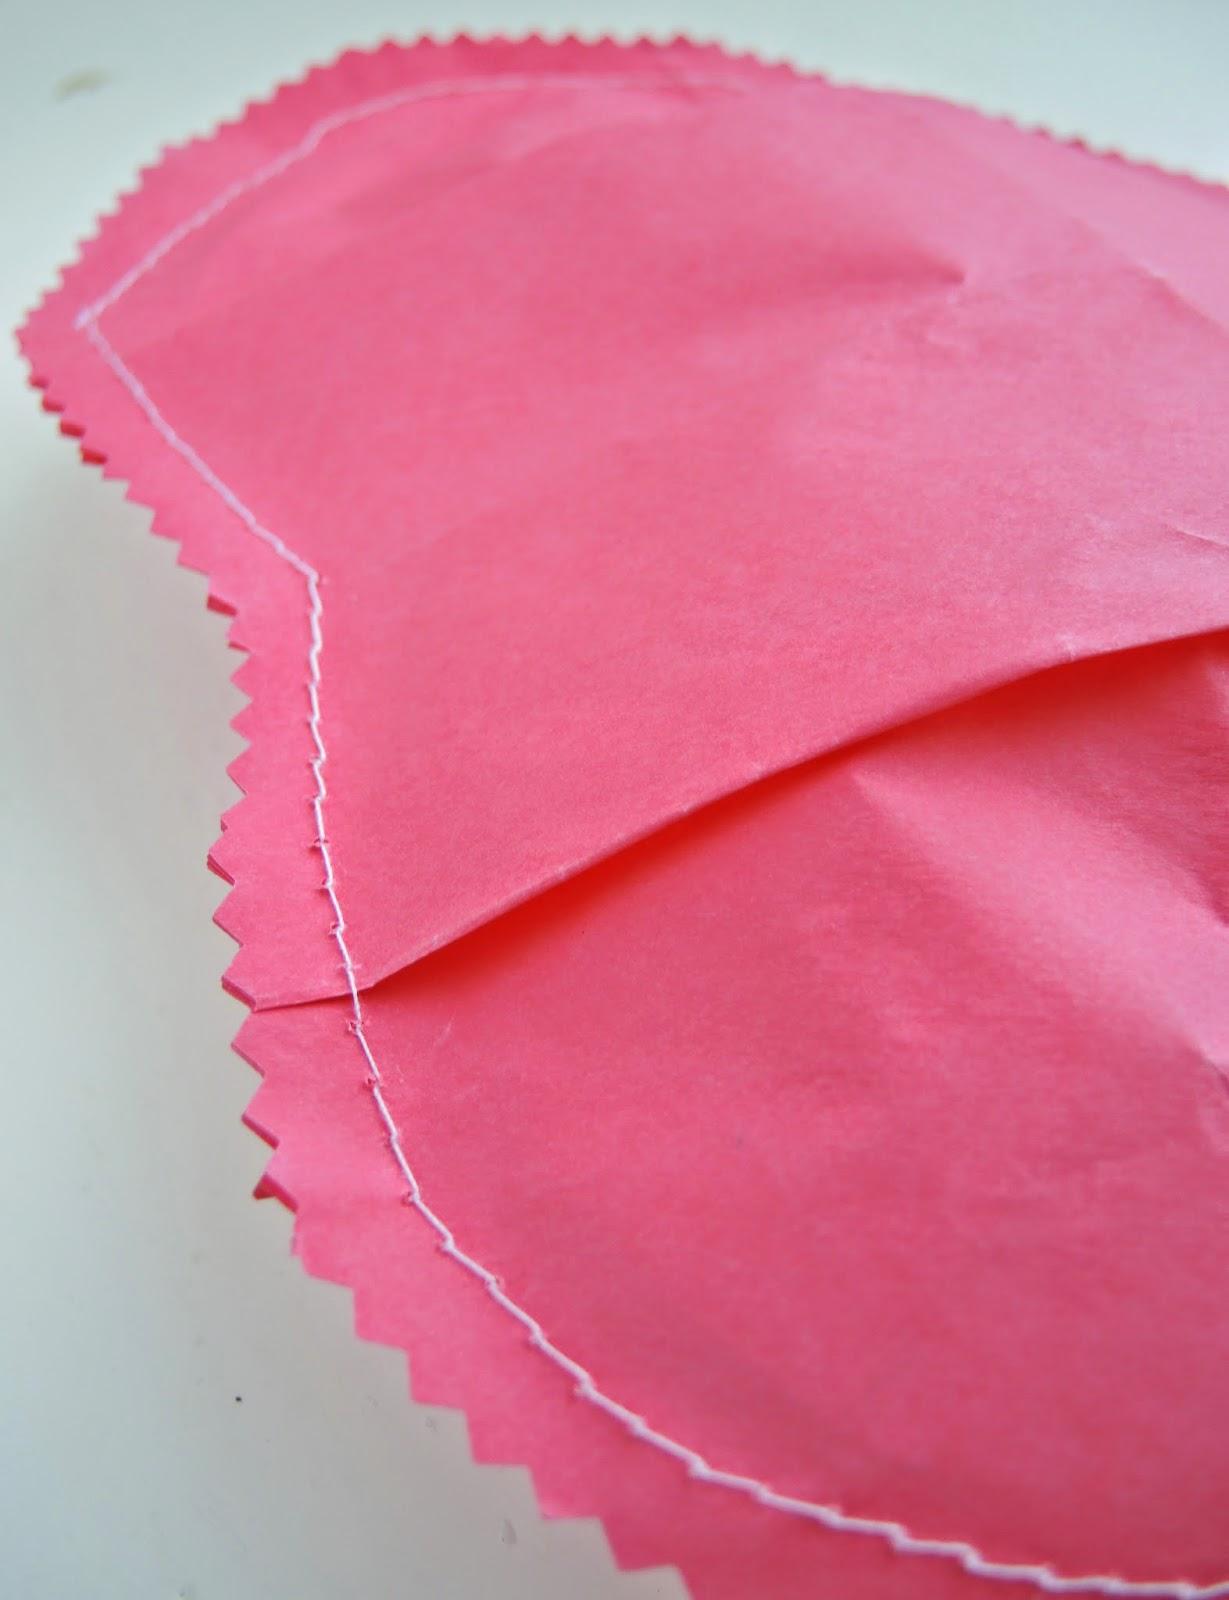 present-jpg packing gifts упаковка подарка 14 февраля, подарок в день влюбленных своими руками, подарок для девушки,